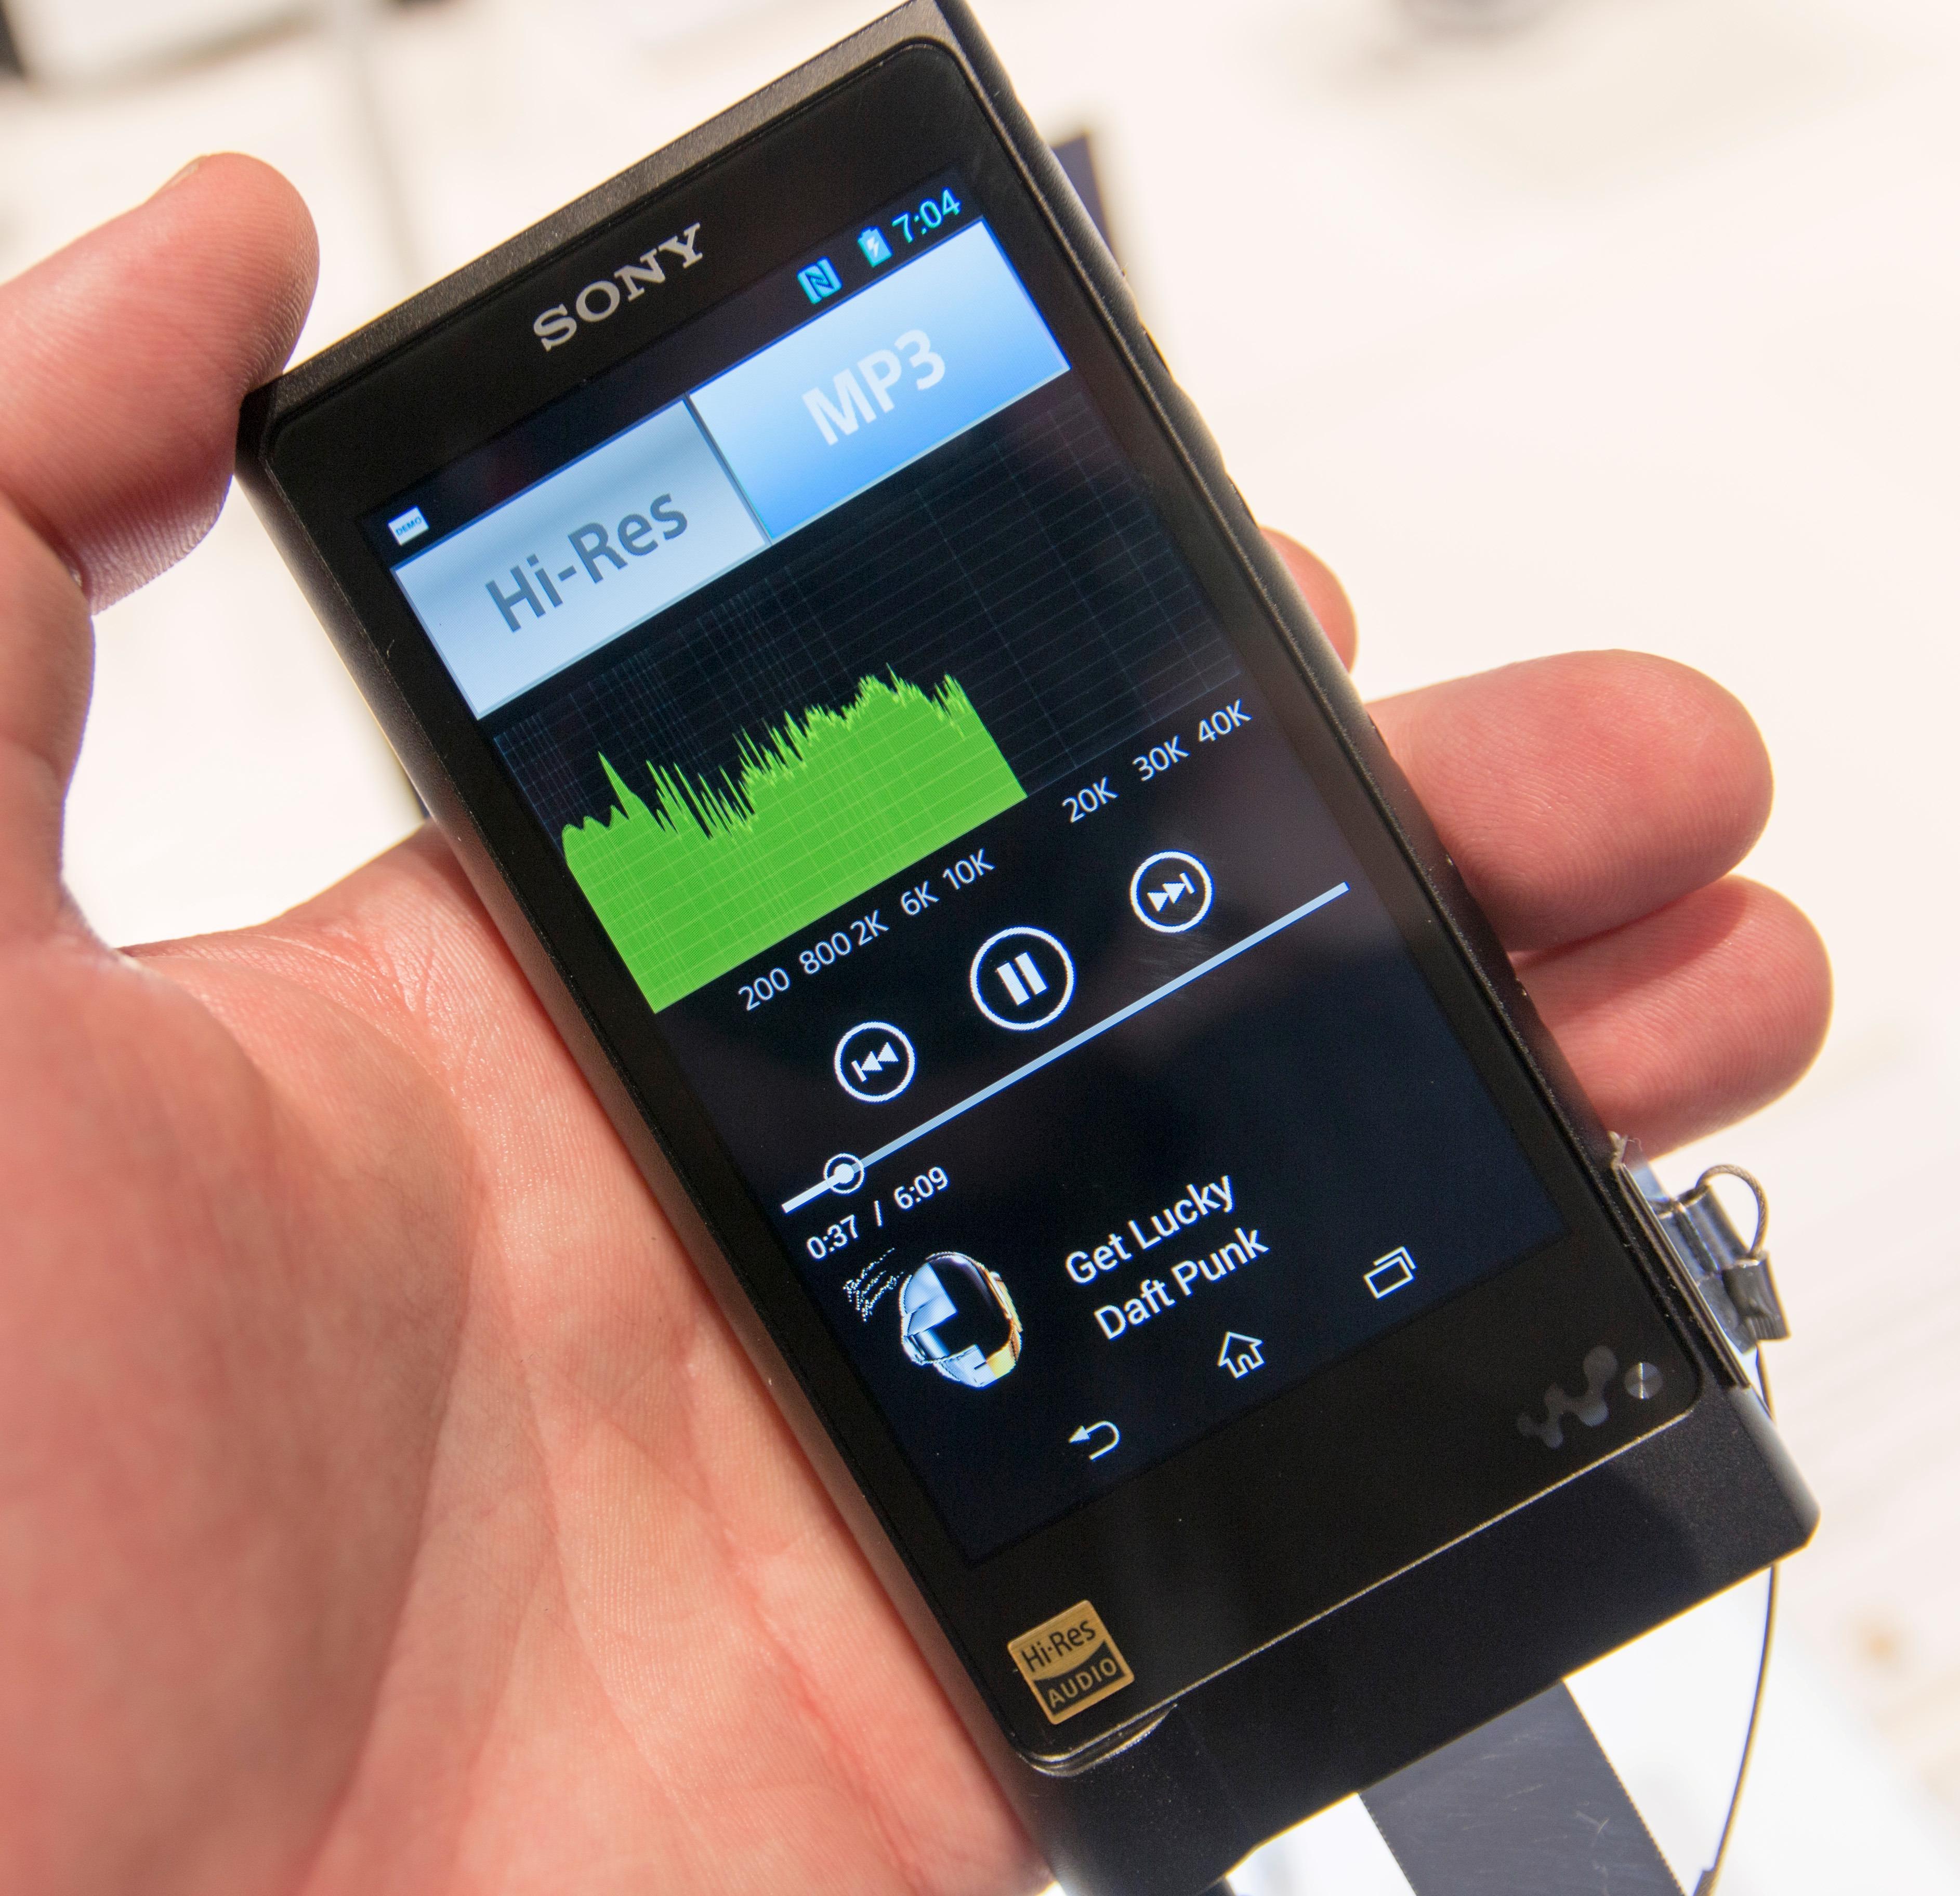 En av spillerne var satt opp for hurtig veksling mellom MP3 og høyoppløst lyd. Visualiseringen viser at lyden kuttes lenge før 20 000 Hz, og slik hørtes det sannelig ut også. MP3 kan prestere vesentlig bedre enn dette. Vi aner fugler i mosen.Foto: Finn Jarle Kvalheim, Tek.no